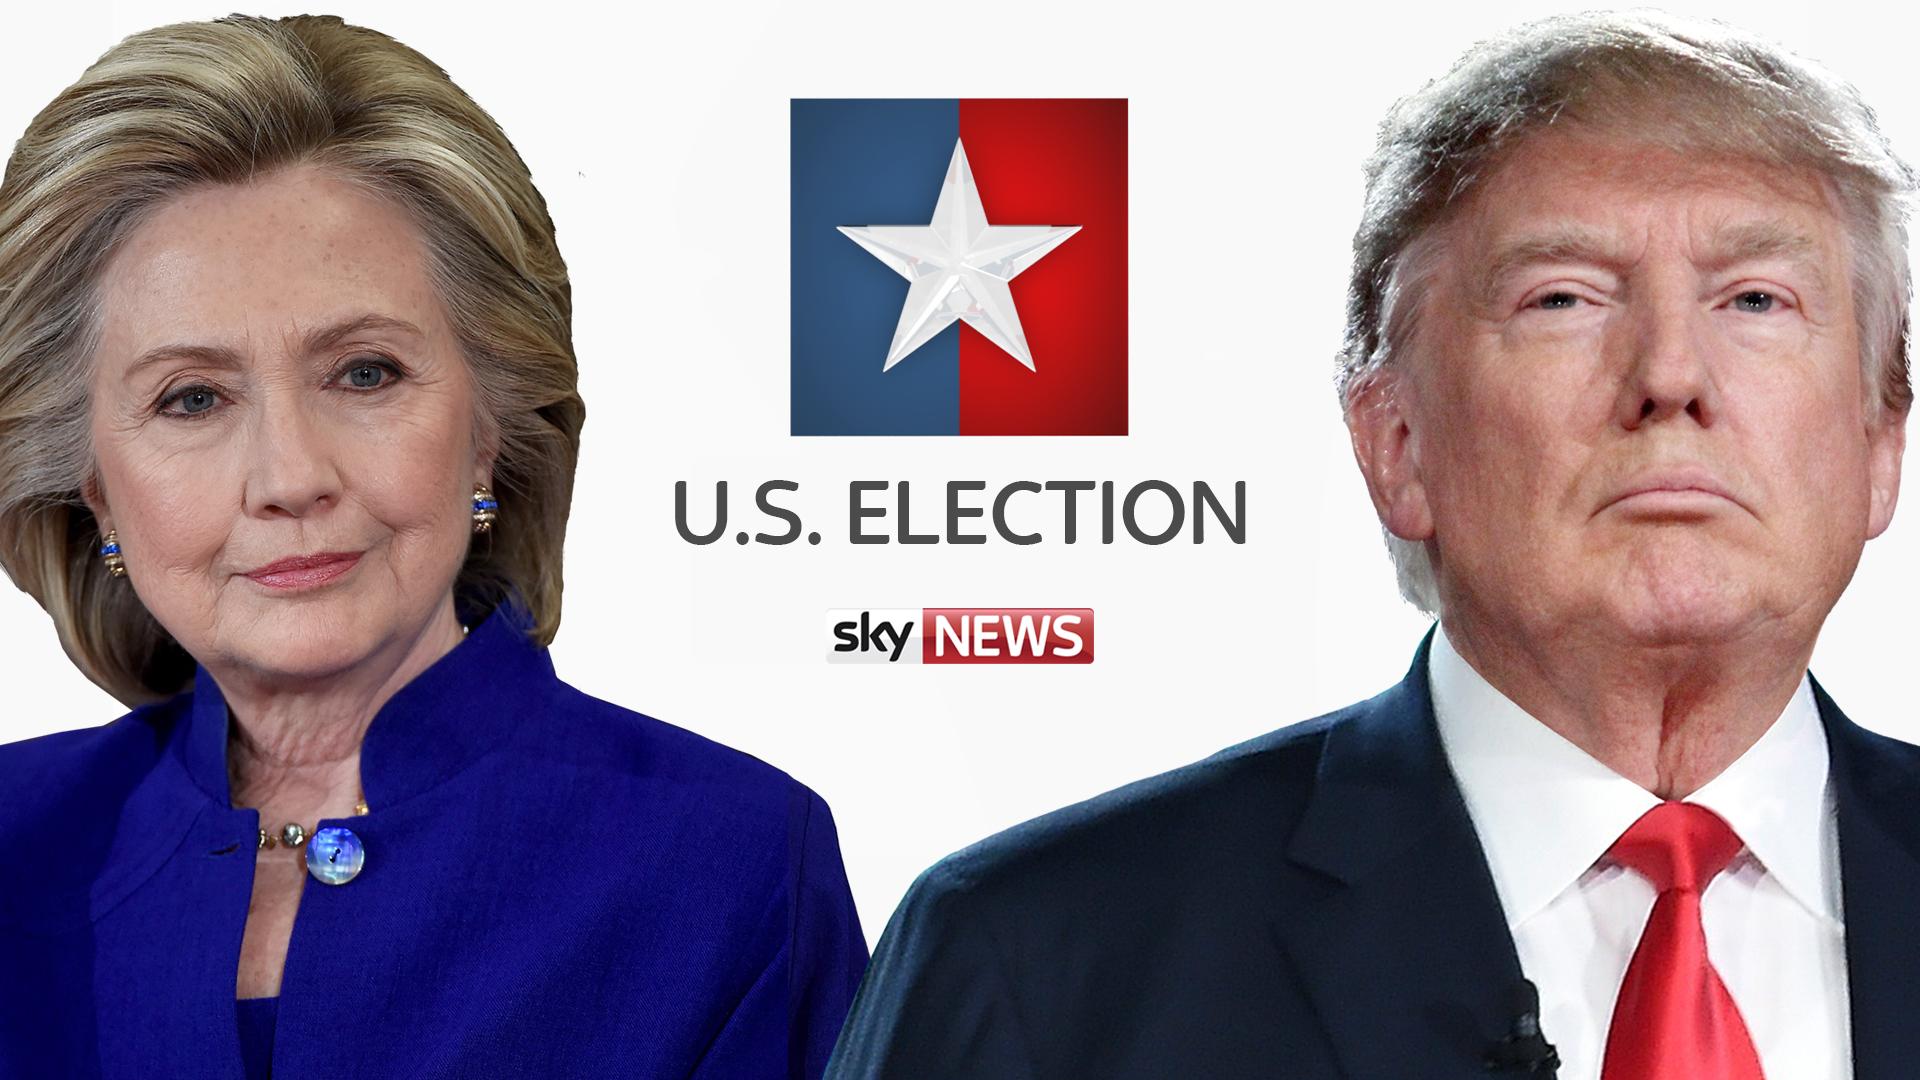 Sky News announces U.S. Election 2016 coverage plans